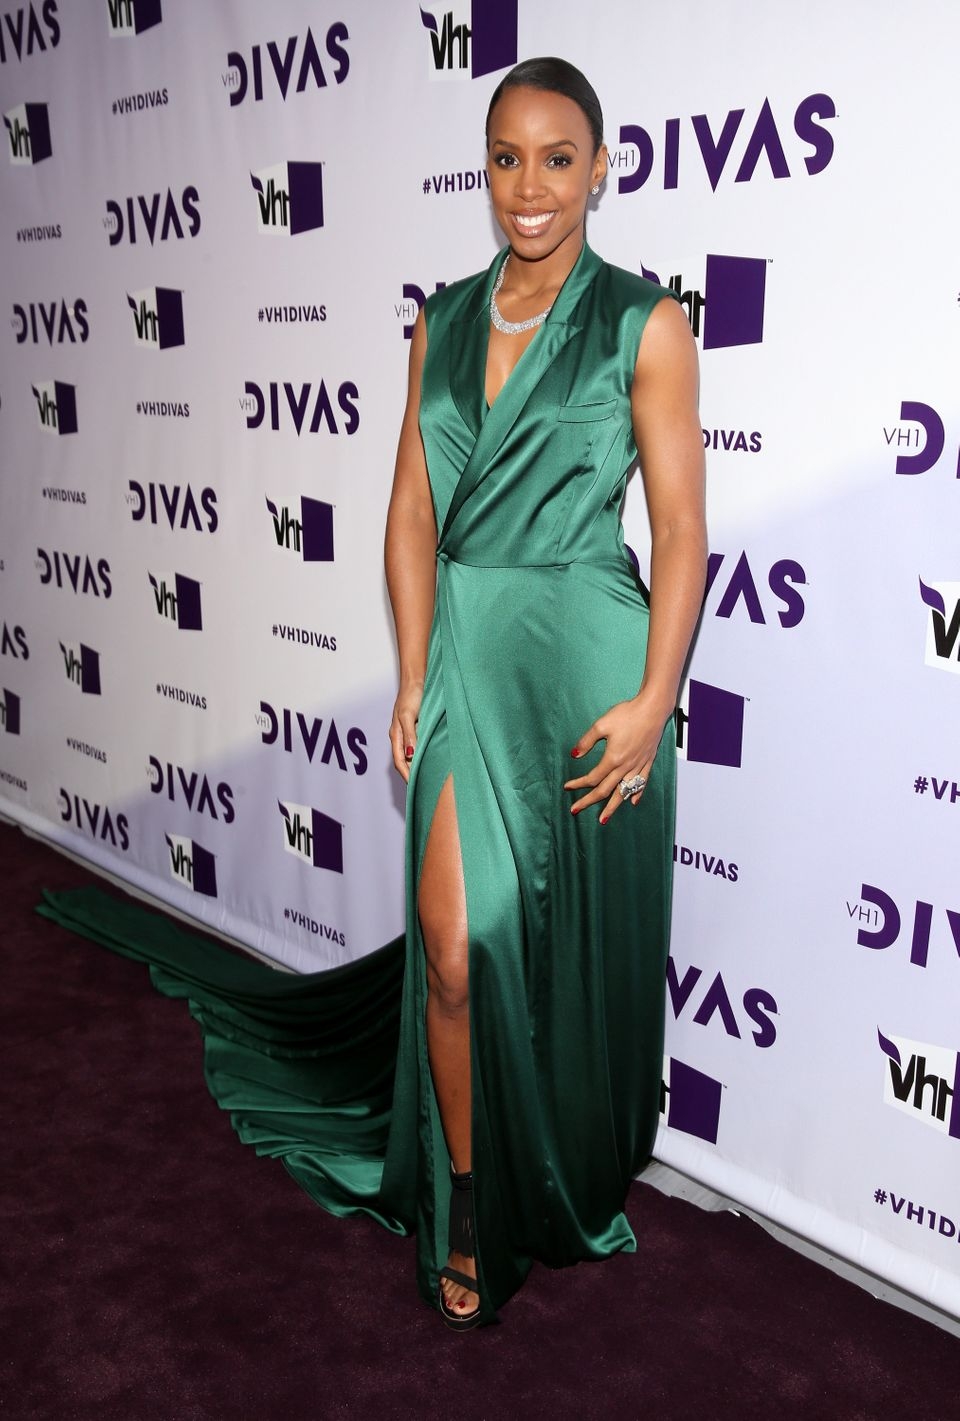 LOS ANGELES, CA - DECEMBER 16:  Singer Kelly Rowland attends 'VH1 Divas' 2012 at The Shrine Auditorium on December 16, 2012 i